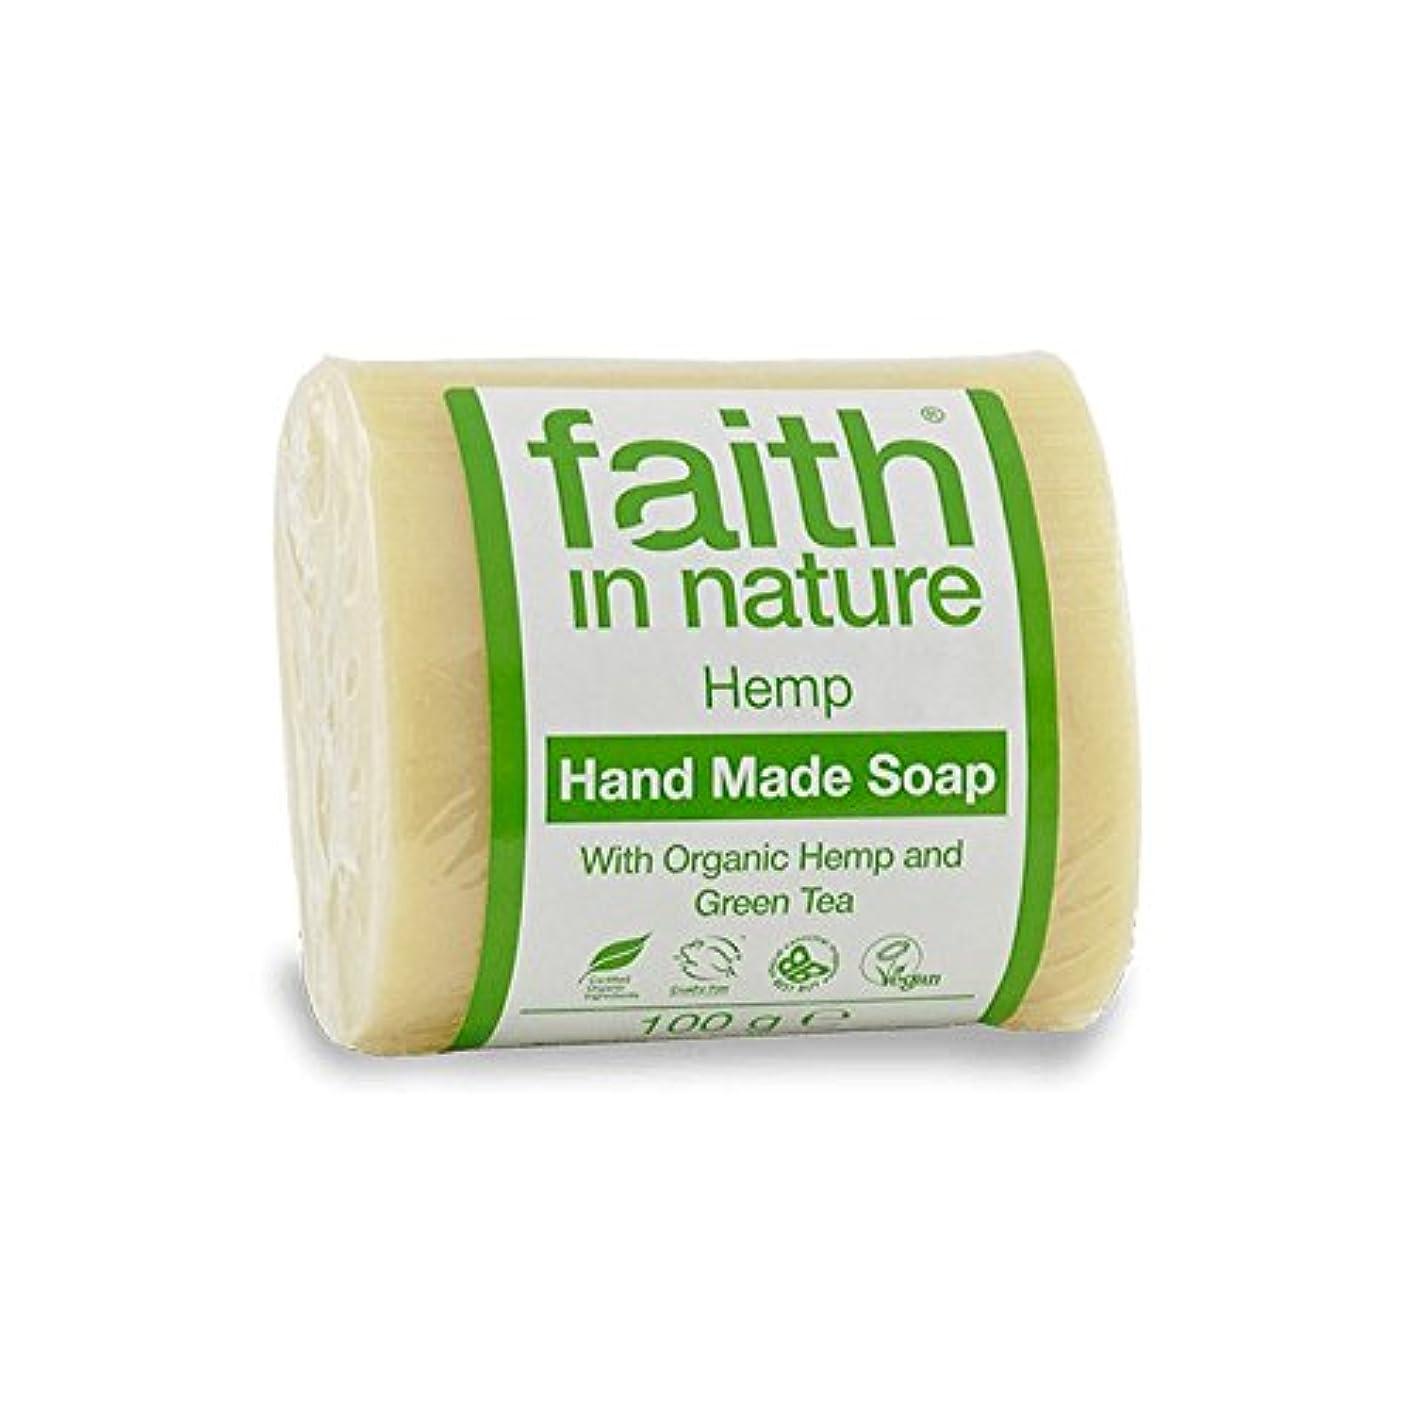 仕事好戦的な覚醒Faith in Nature Hemp with Green Tea Soap 100g (Pack of 6) - 緑茶石鹸100グラムと自然の麻の信仰 (x6) [並行輸入品]